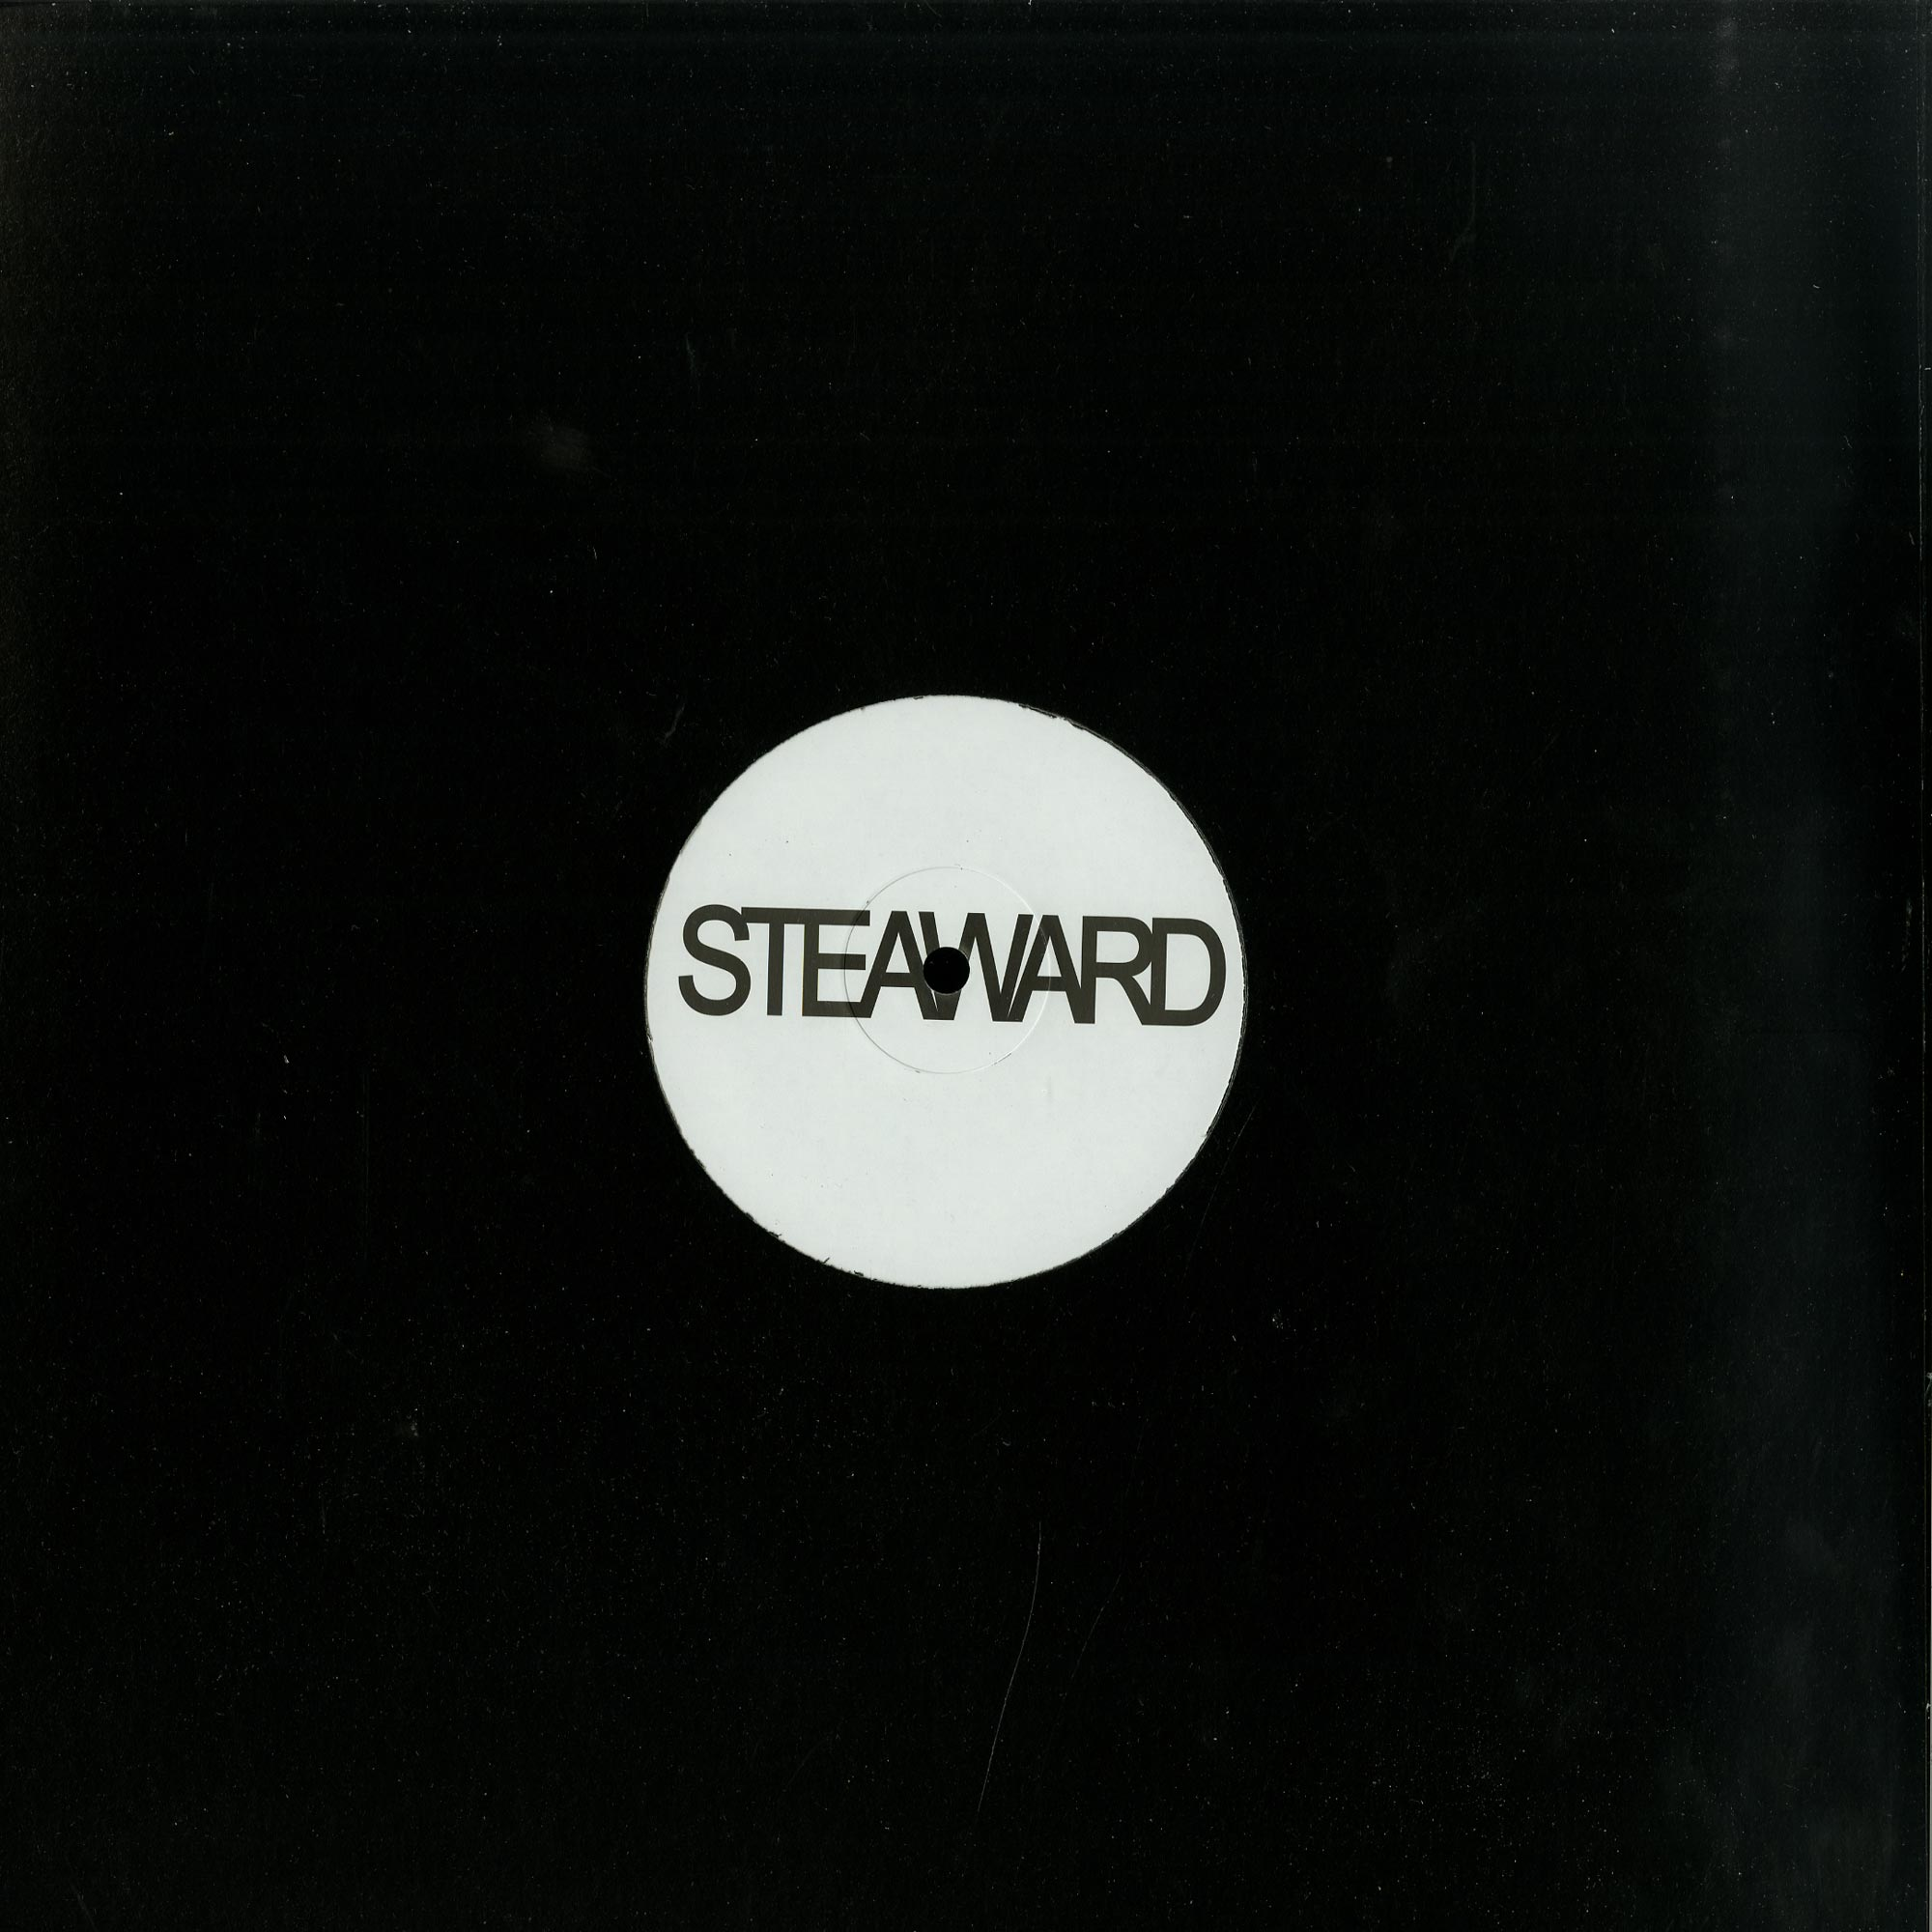 Jay Shepheard & Steaward - VOL.9